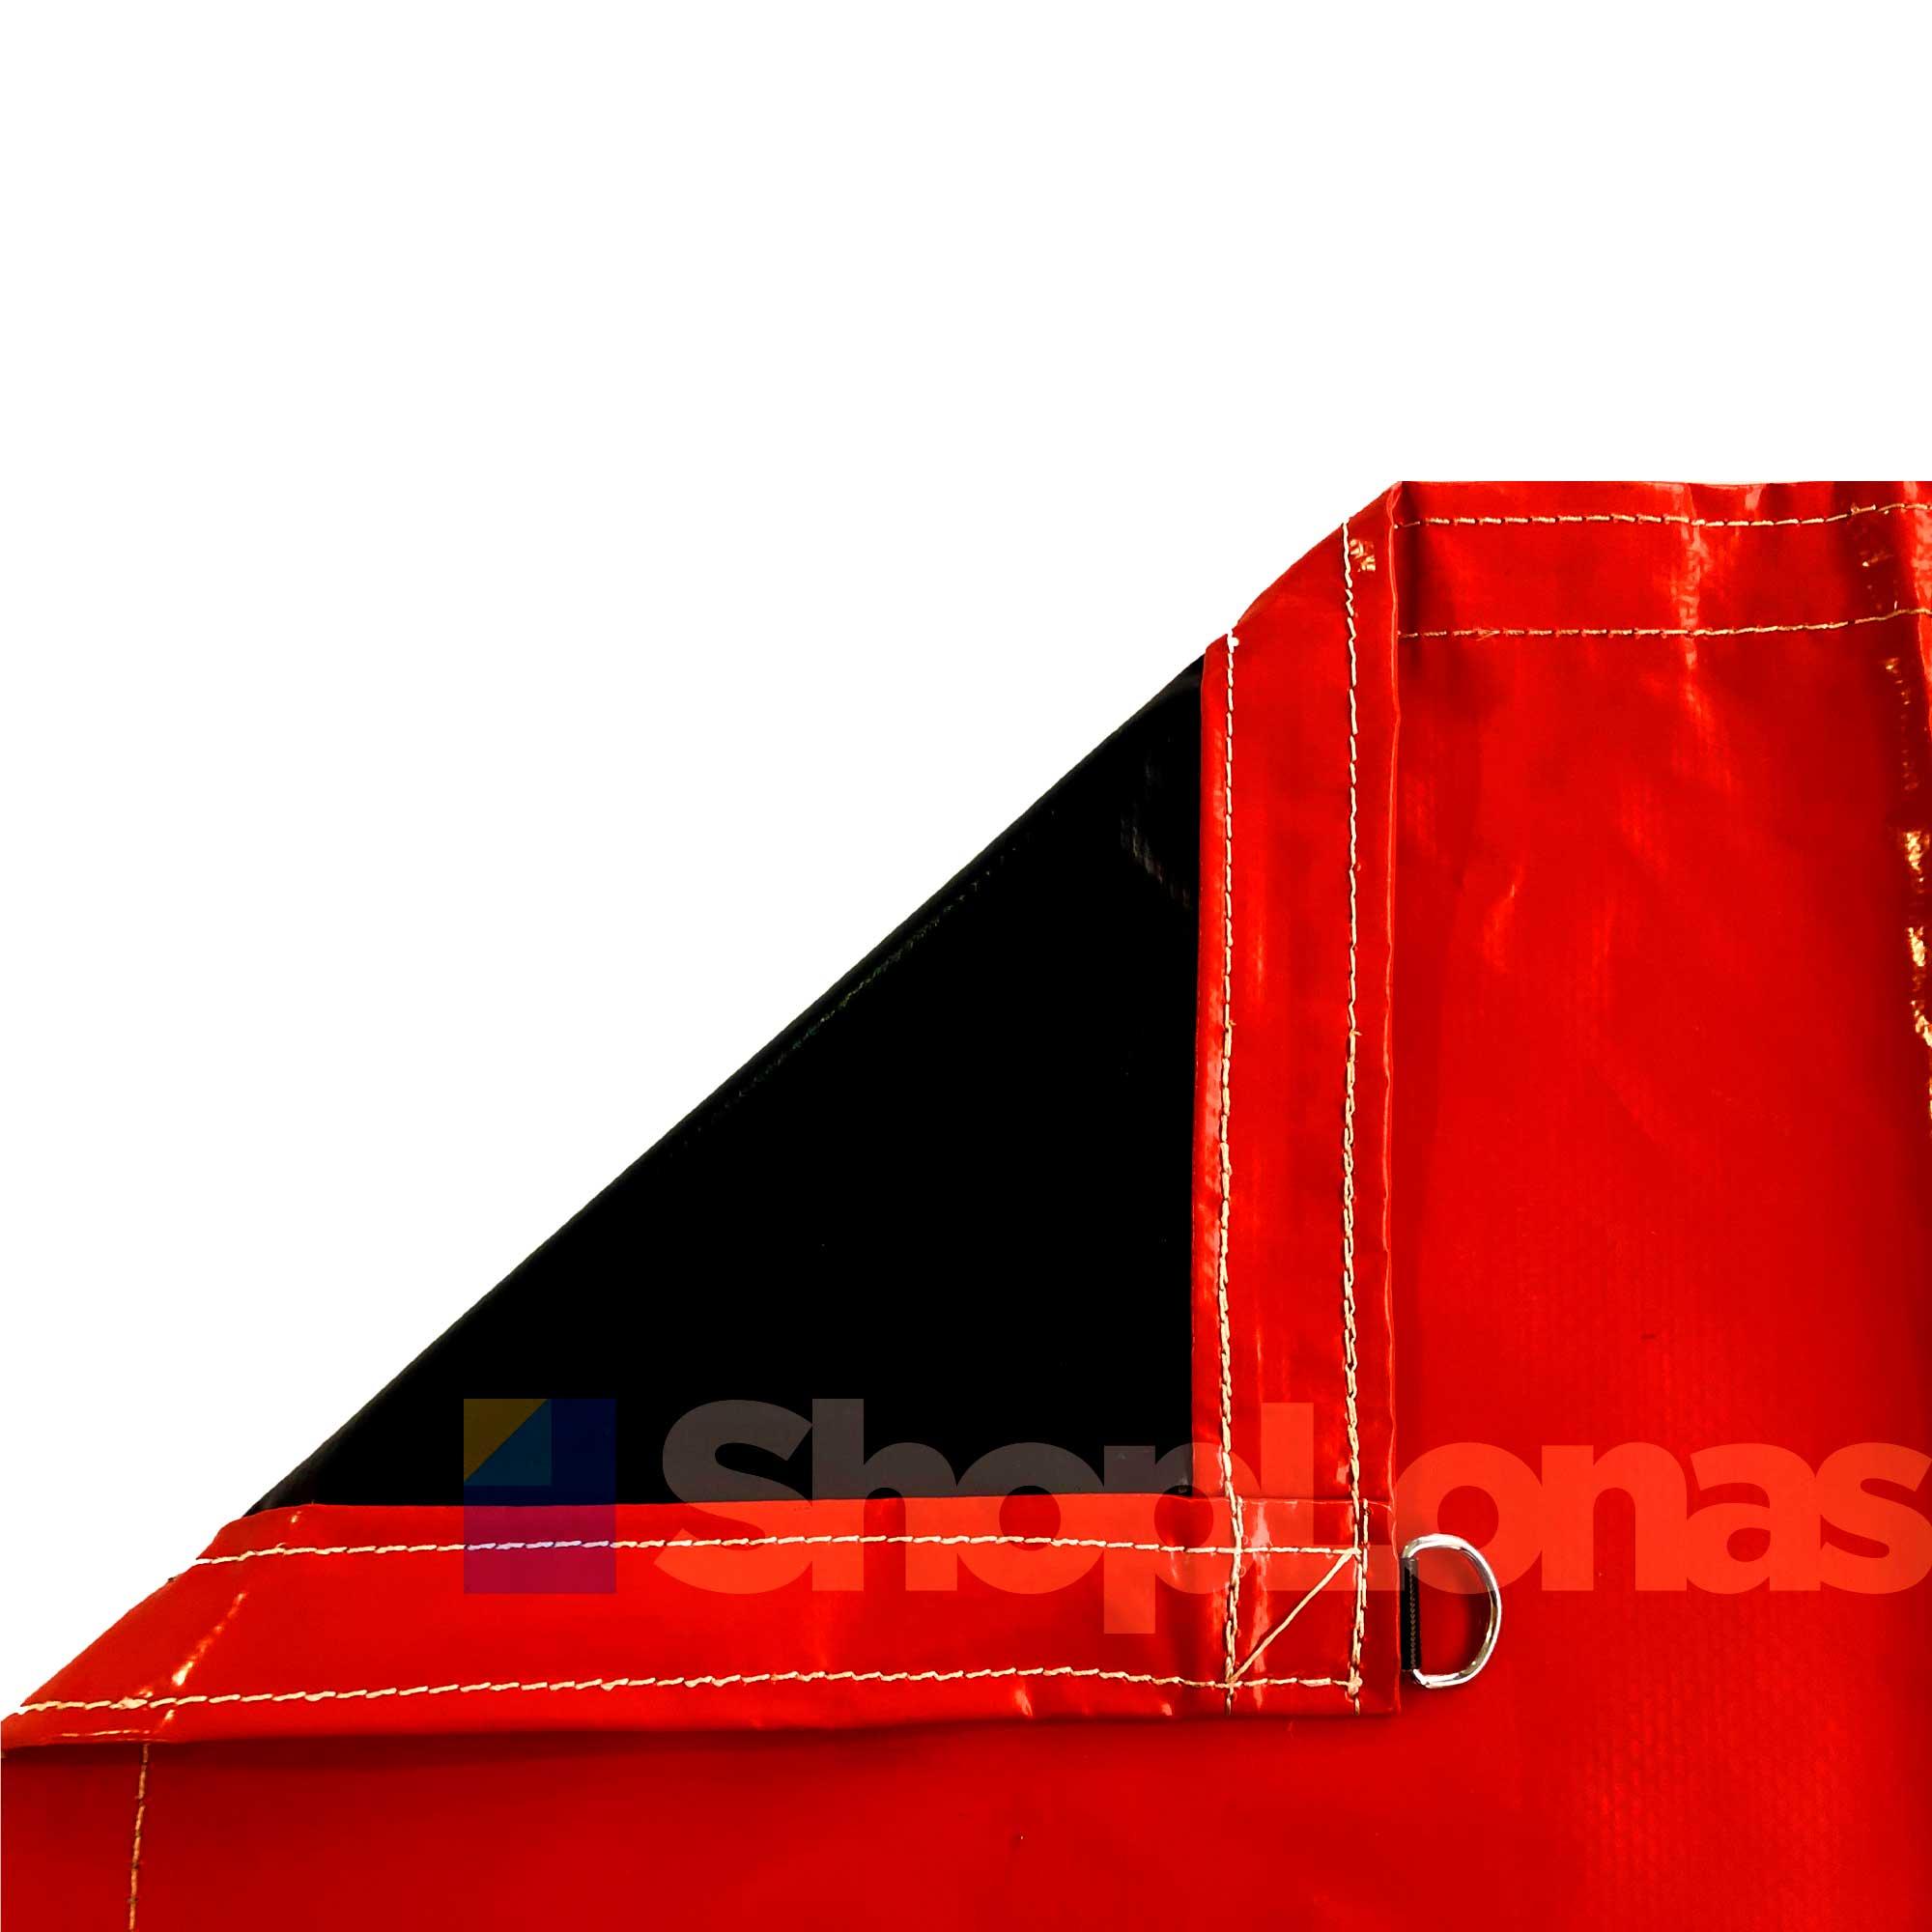 Lona Caminhão Vermelho/Preto Emborrachada PVC 9,5x5m